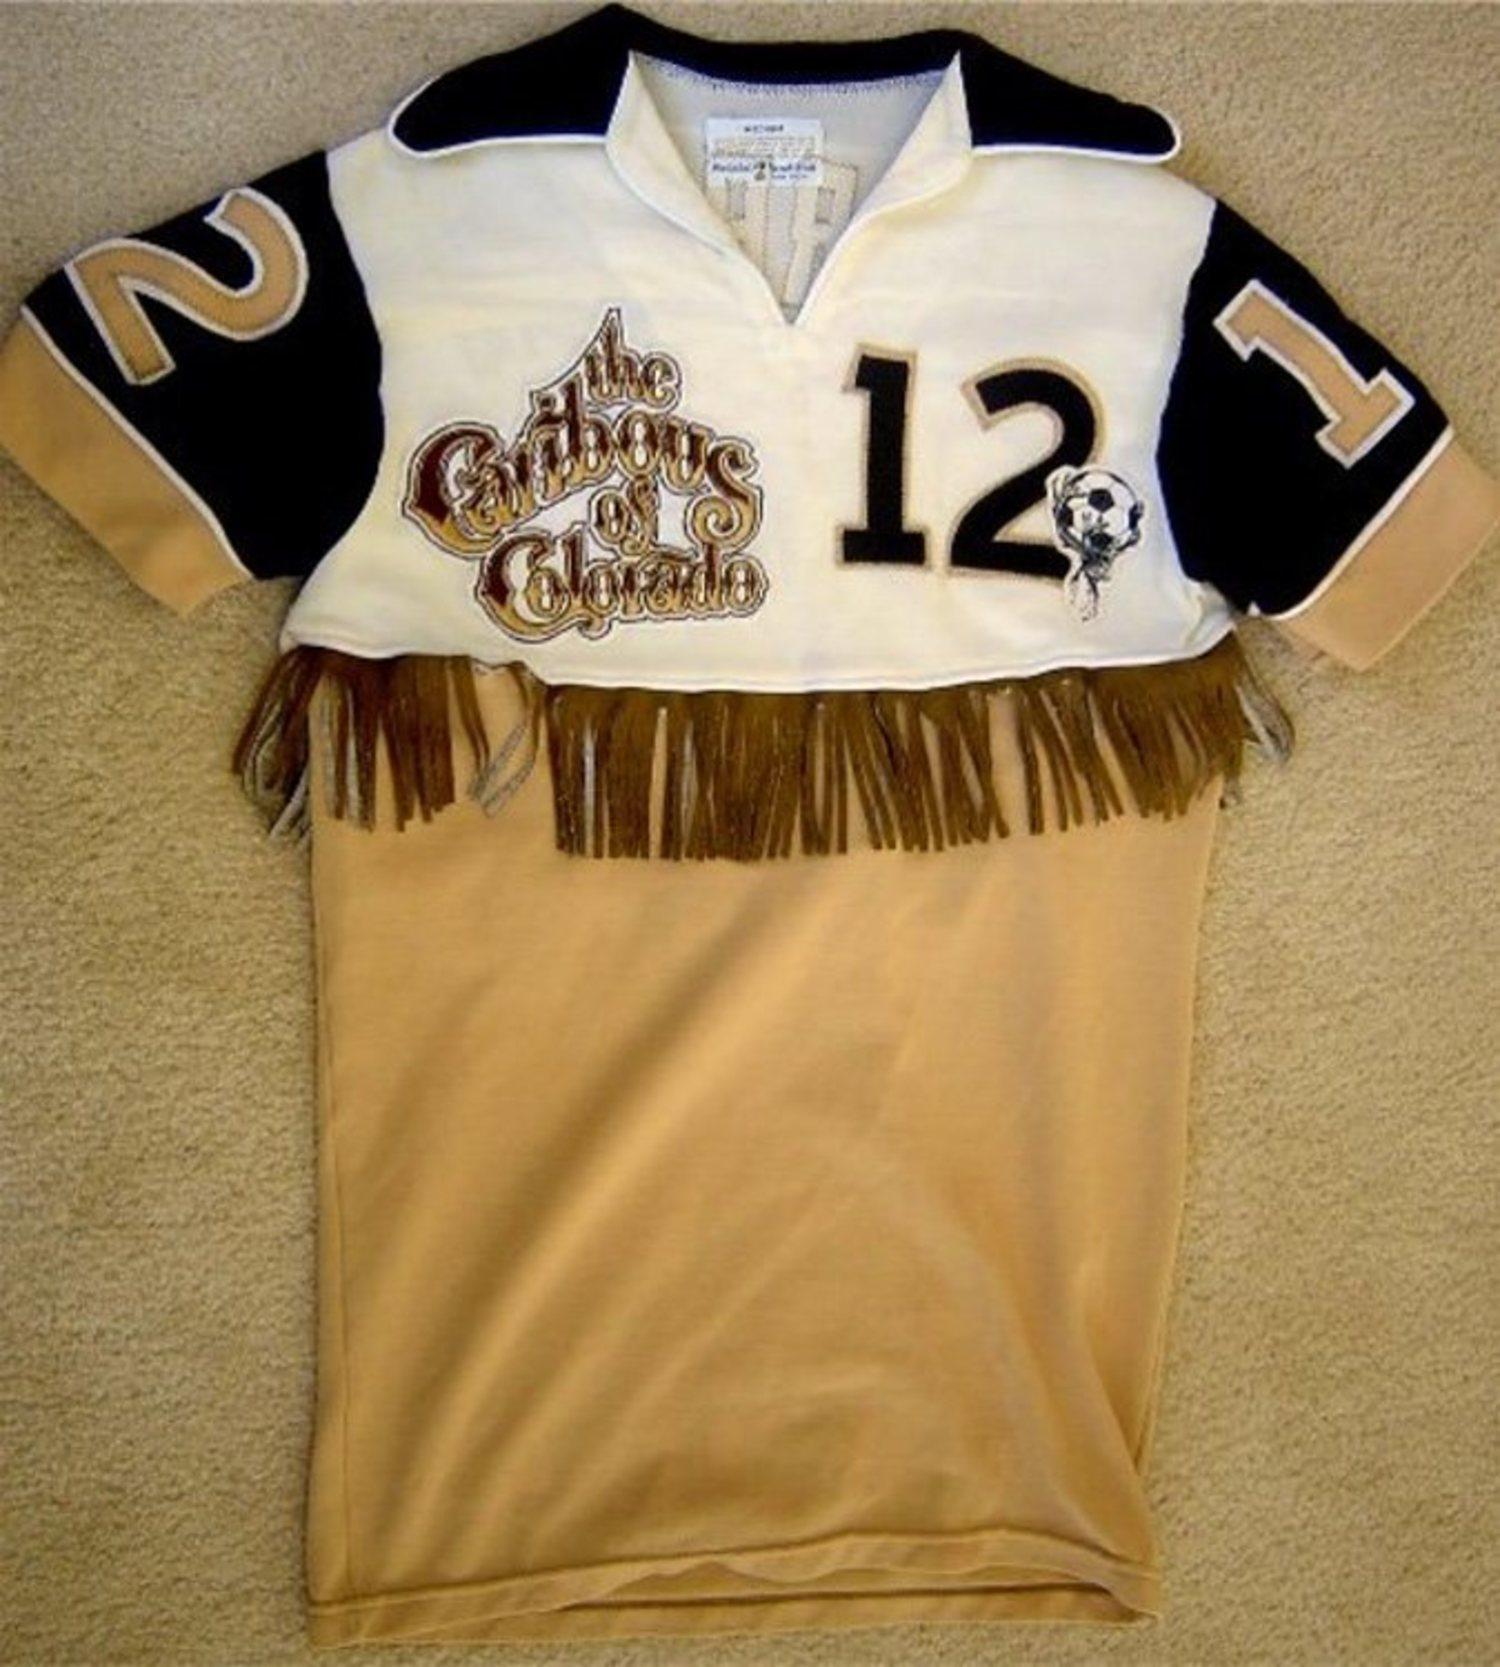 La camiseta más fea del mundo, de los Colorado Caribous